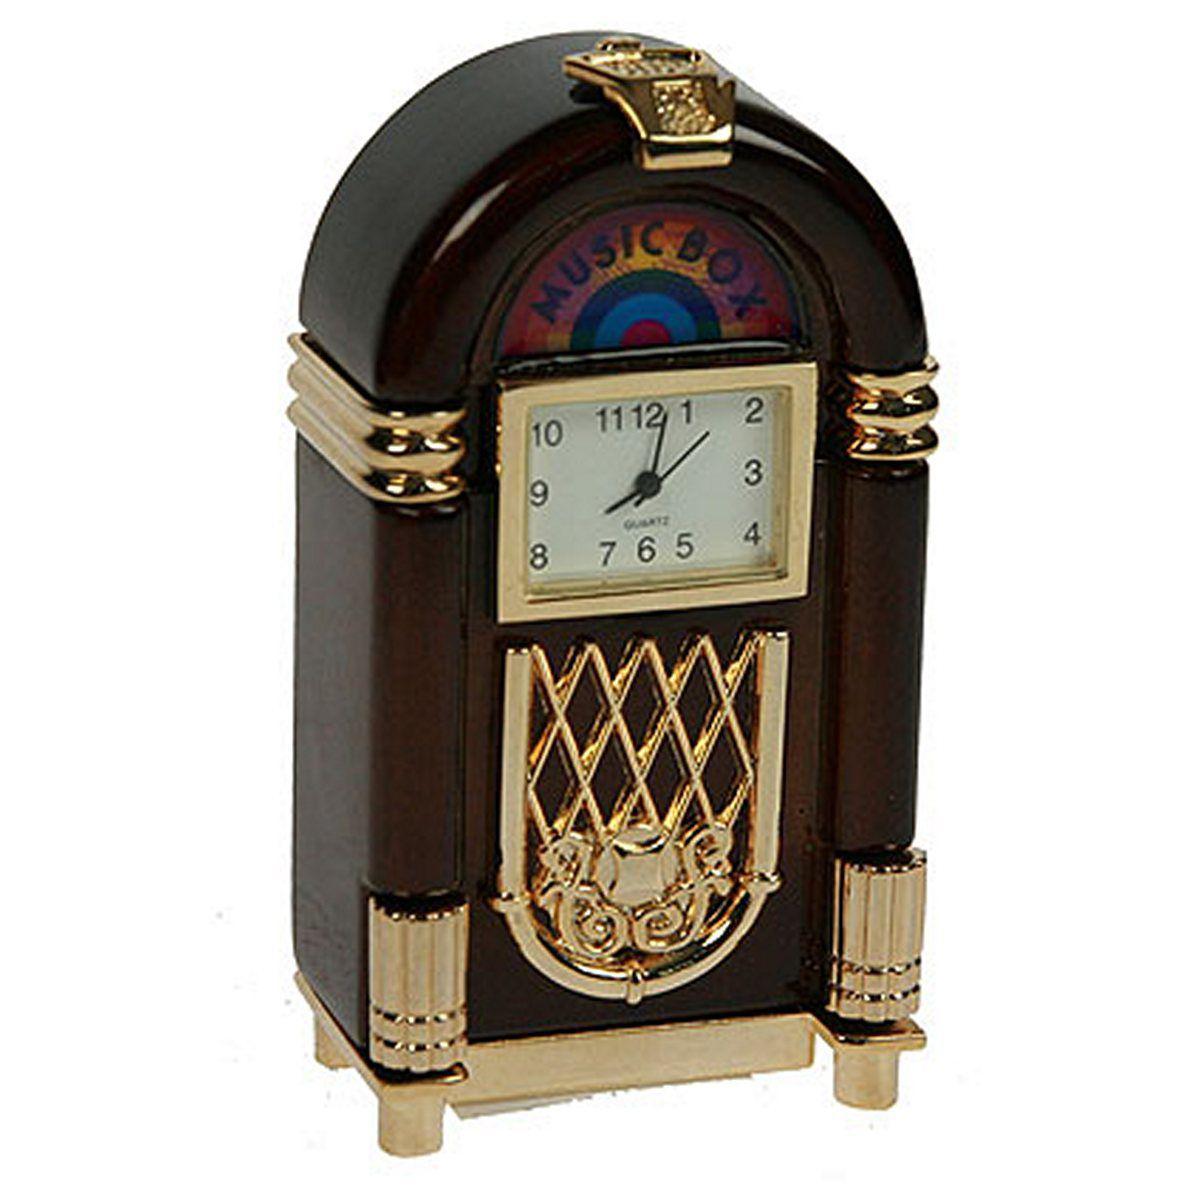 Часы настольные Русские Подарки Музыкальный автомат. 2241322413Настольные кварцевые часы Русские Подарки Музыкальный автомат изготовлены из металла. Корпус оригинально оформлен. Часы имеют три стрелки - часовую, минутную и секундную. Такие часы украсят интерьер дома или рабочий стол в офисе. Также часы могут стать уникальным, полезным подарком для родственников, коллег, знакомых и близких. Часы работают от батареек типа SR626 (в комплект не входят).